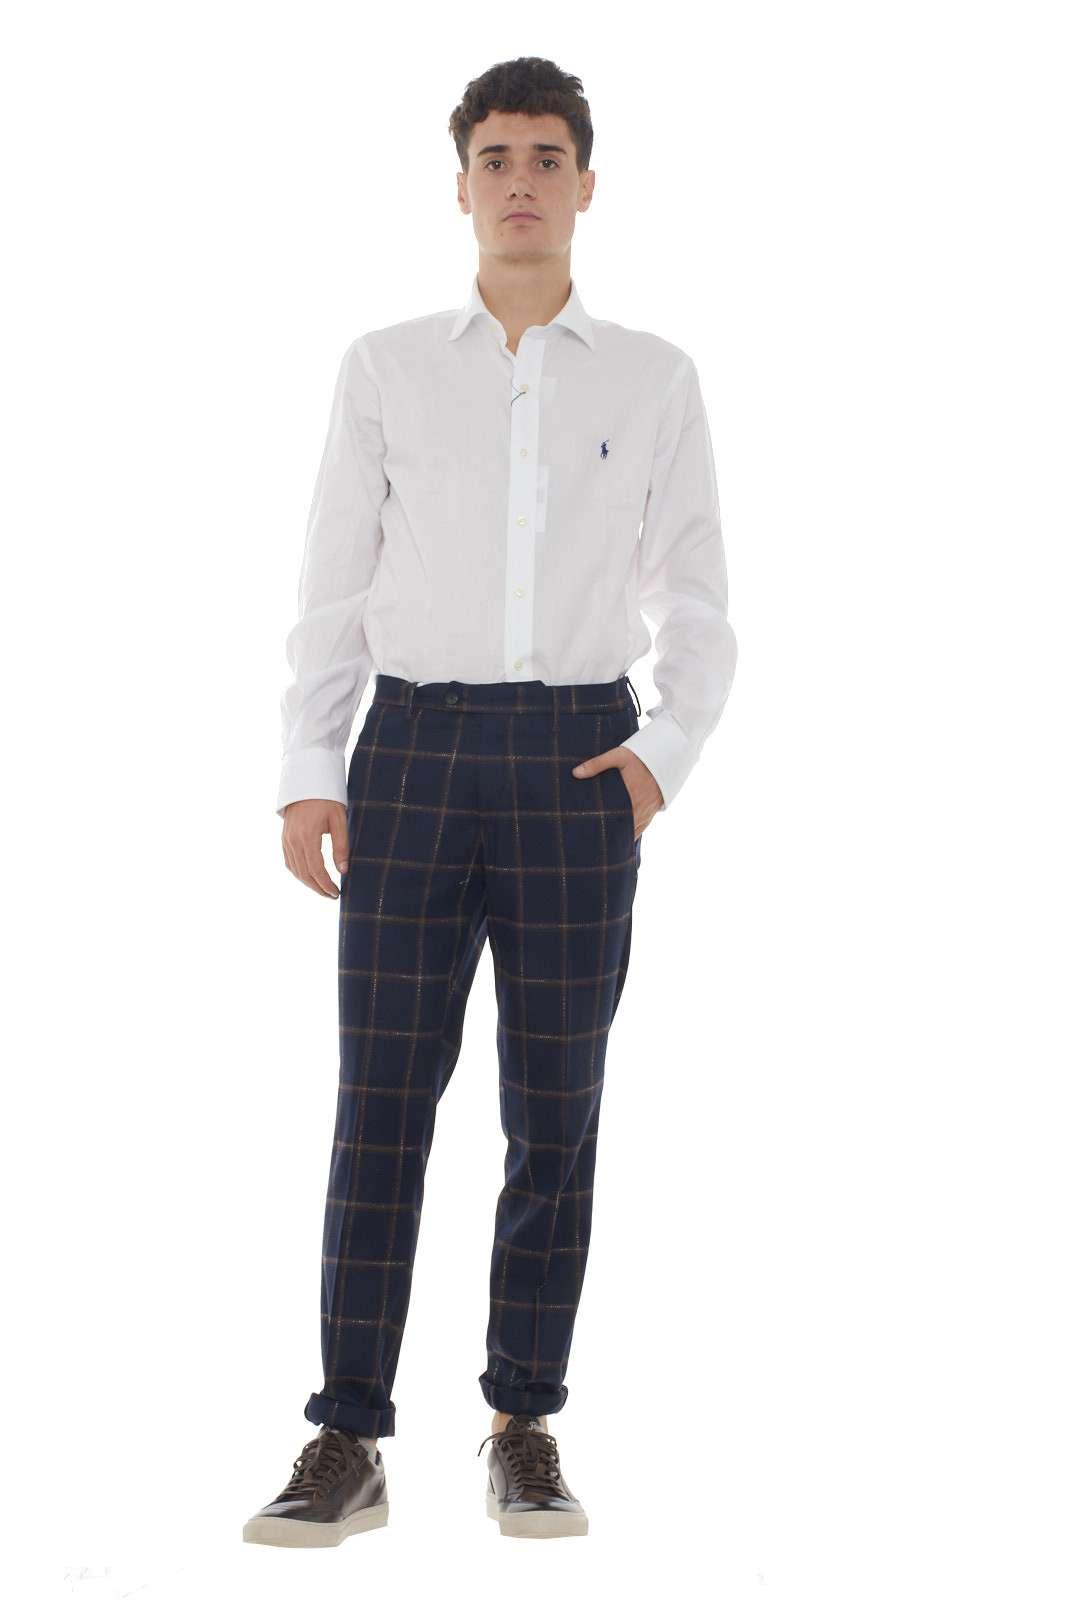 https://www.parmax.com/media/catalog/product/a/i/AI-outlet_parmax-pantaloni-donna-Michael-Coal-MCMAR3443-D.jpg